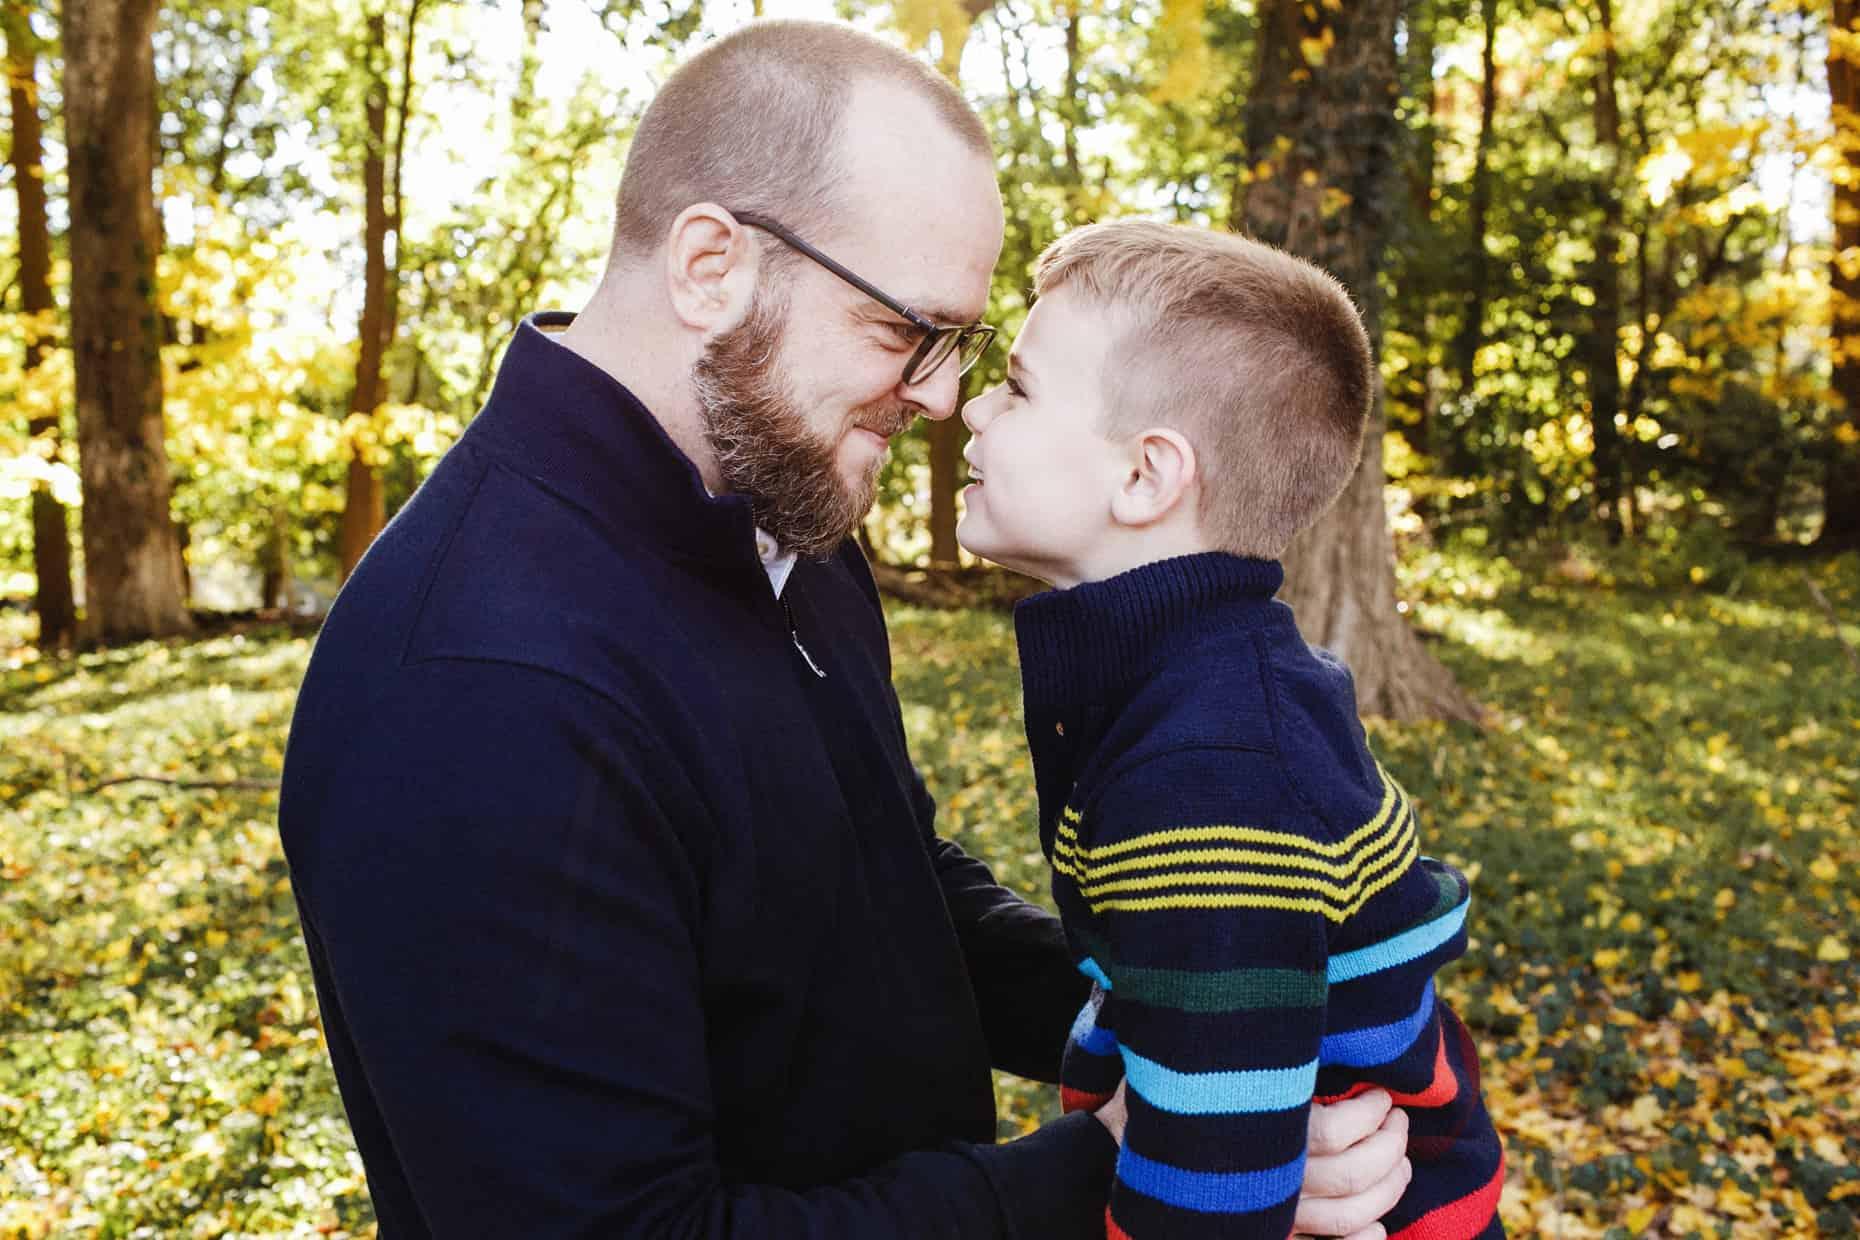 Curtis Arboretum Family Photos